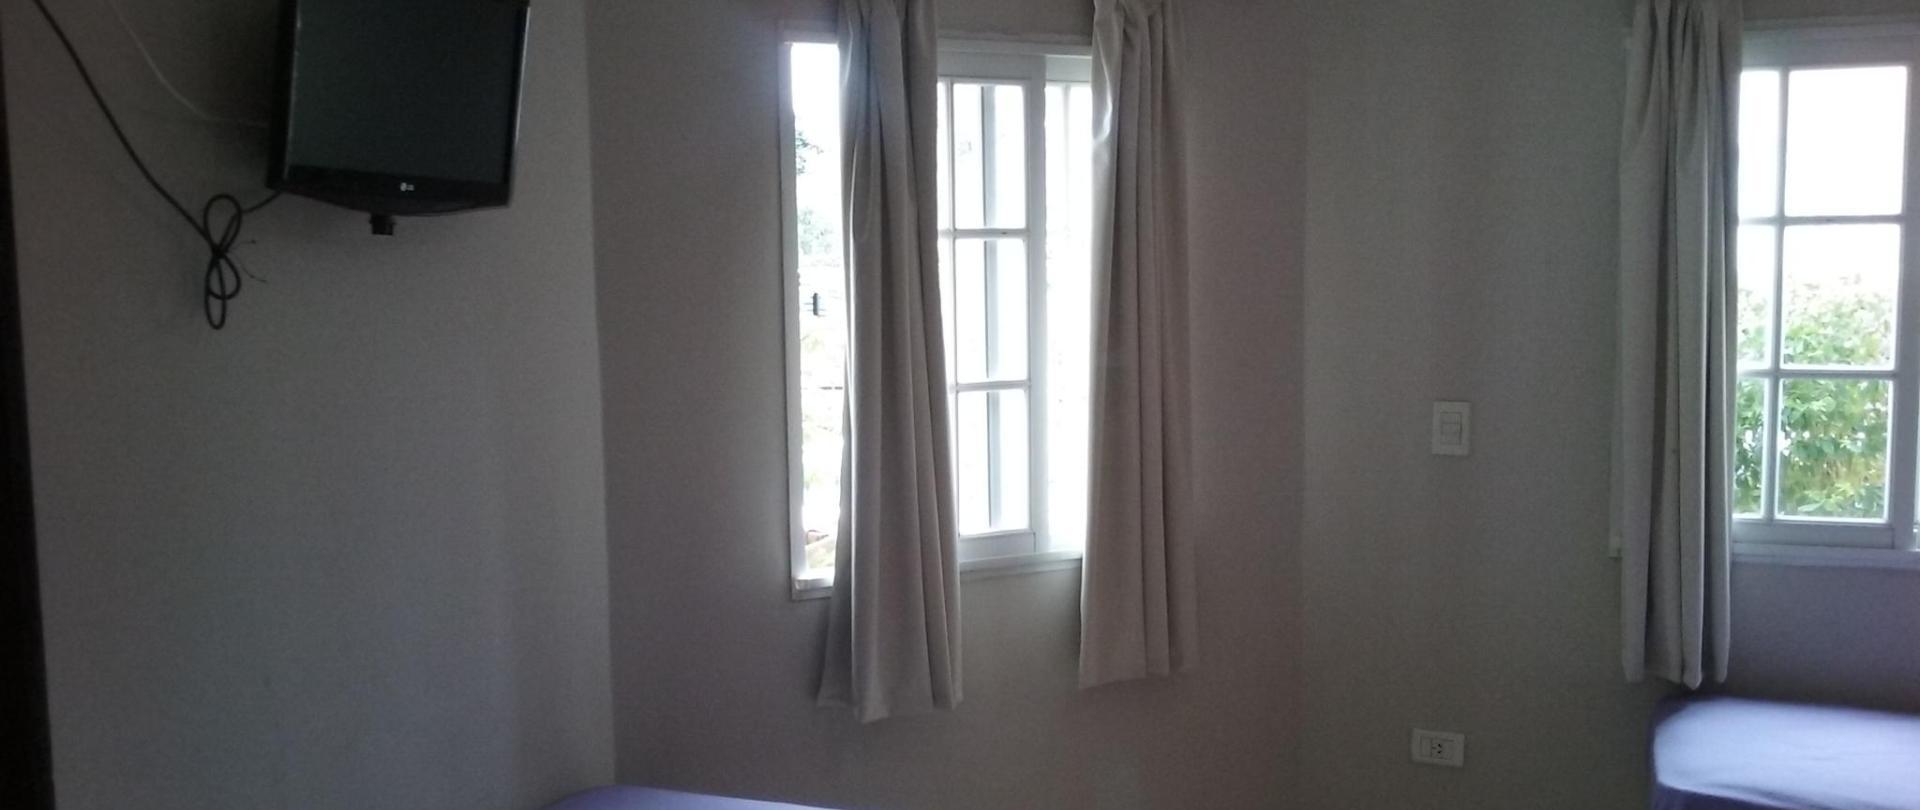 TPL 1 Hotel Queguay.jpg